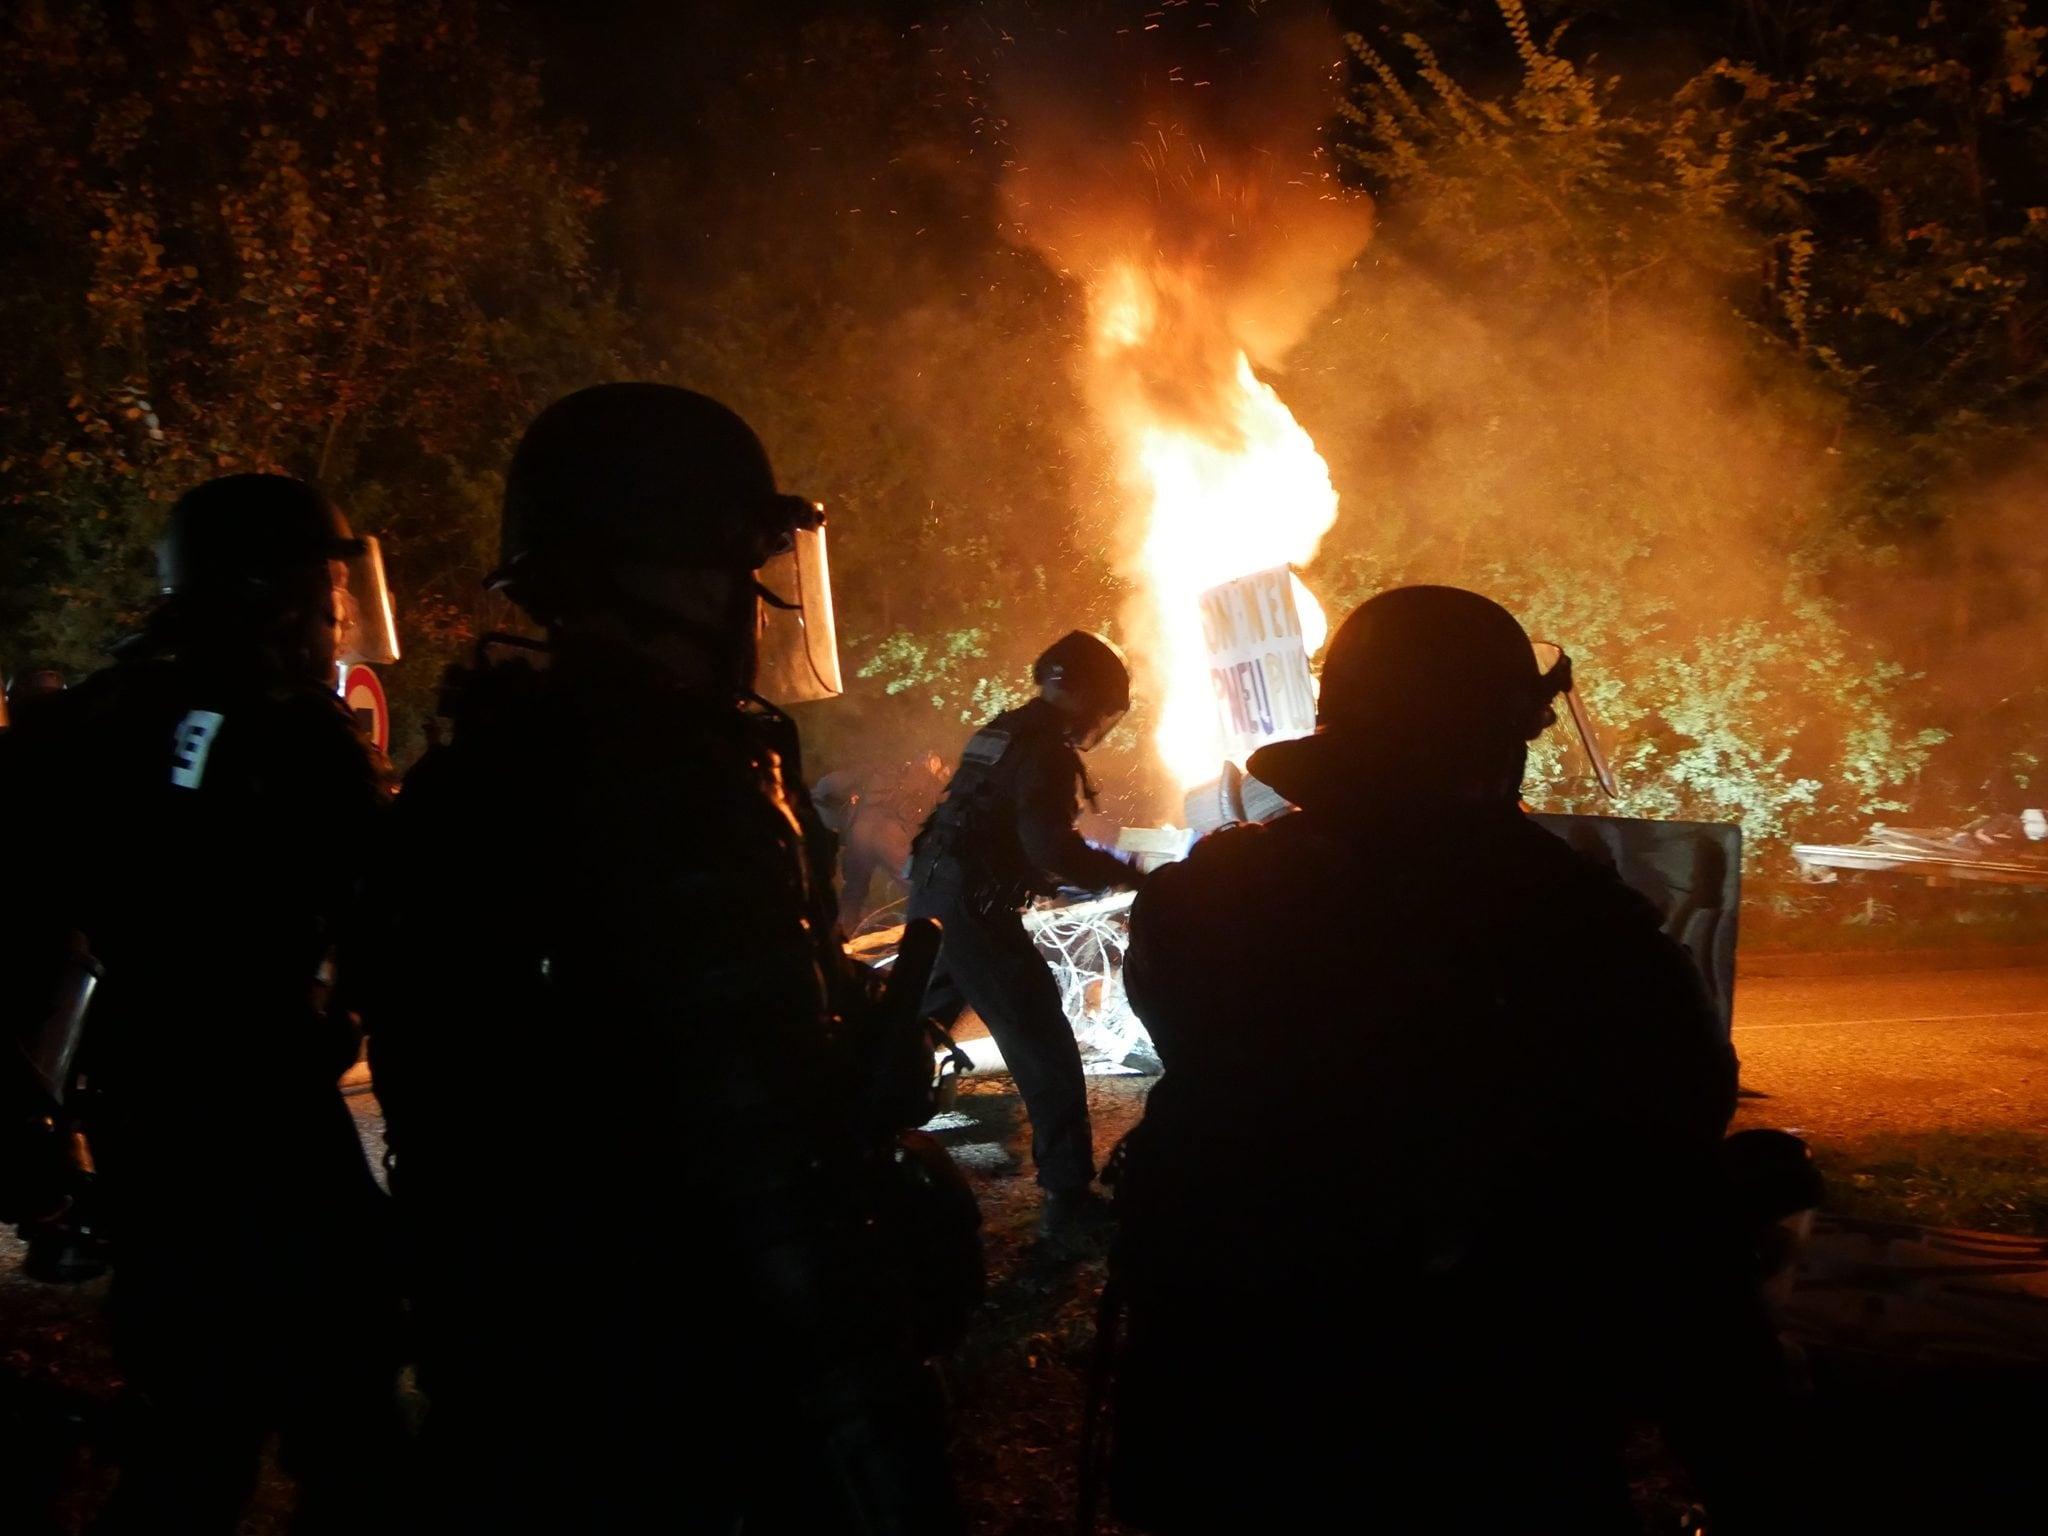 Les gendarmes se sont rapidement rendus maître des installations (Photo GK / Rue89 Strasbourg / cc)